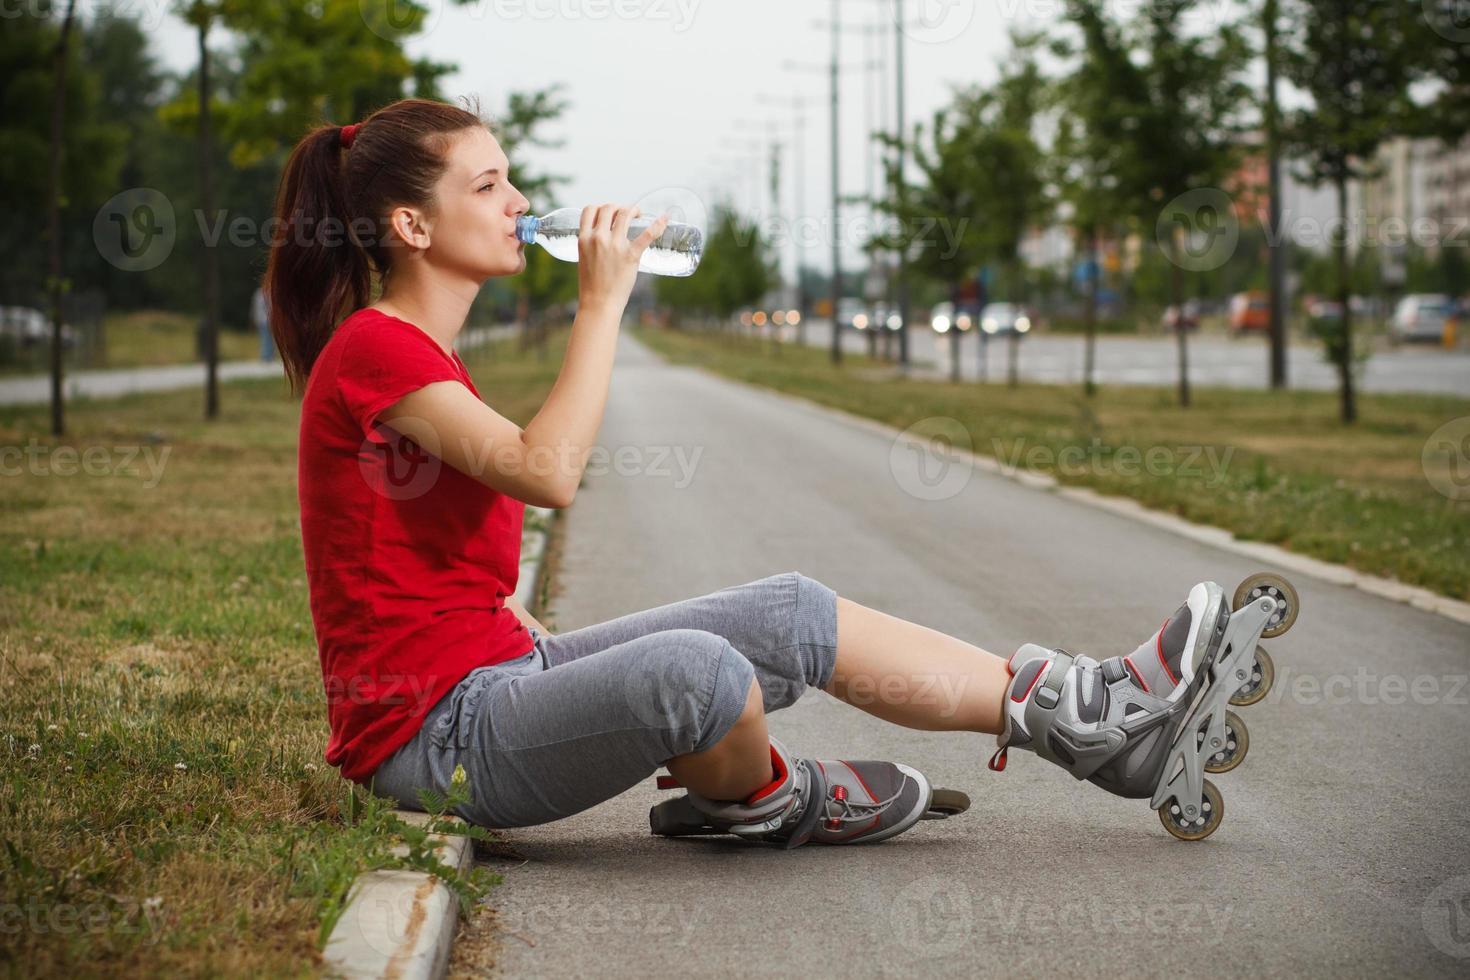 Erfrischung nach dem Rollschuhlaufen foto